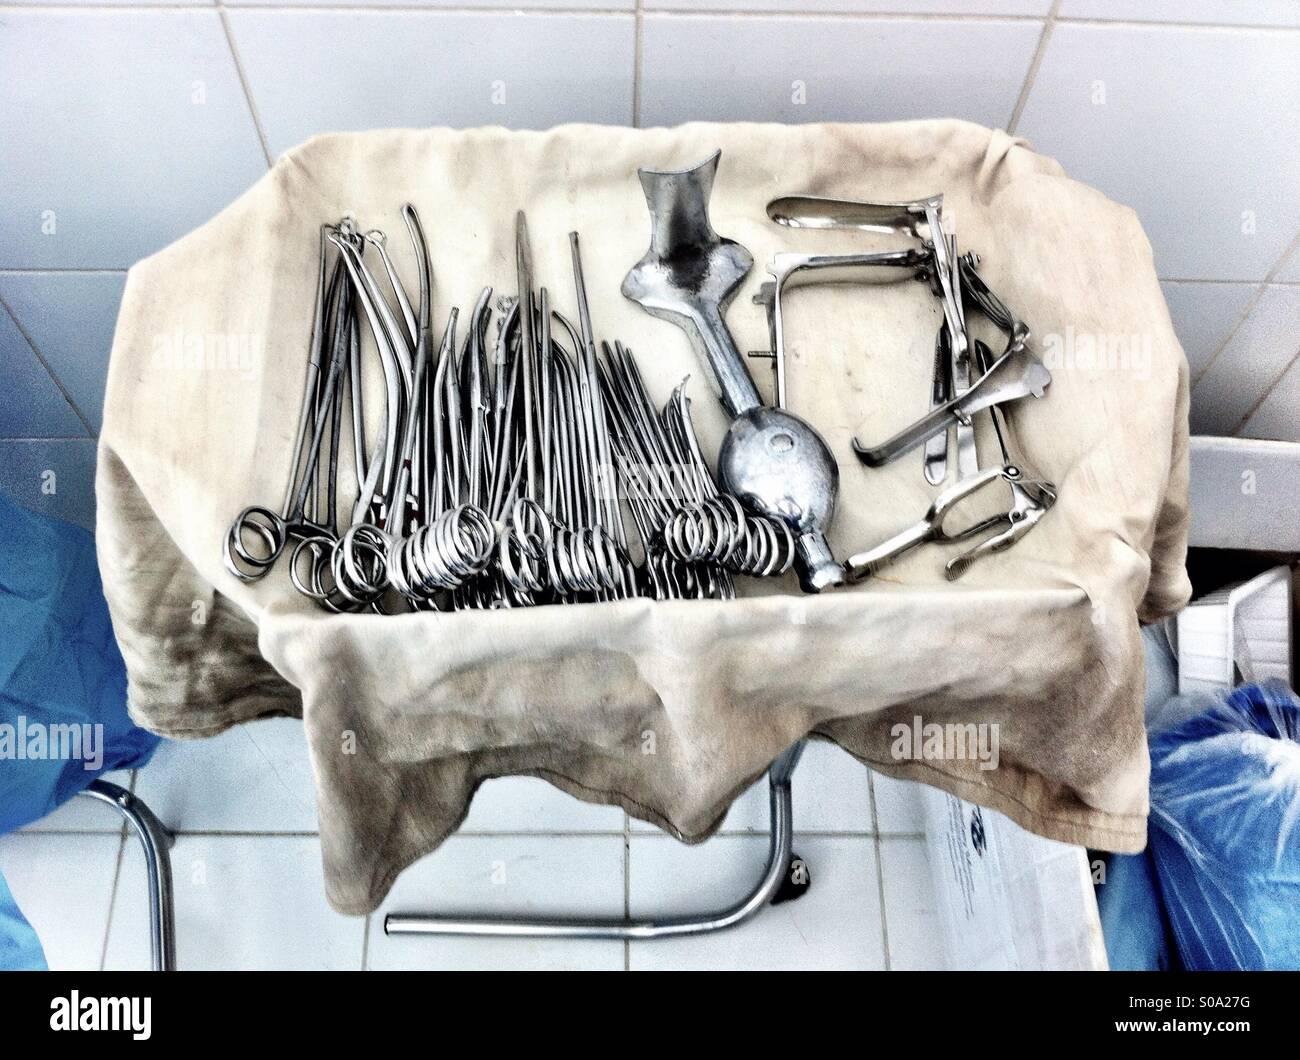 Medizinische und chirurgische Instrumente auf einem Tablett bedeckt mit alten Tuch in einem Krankenhaus in Philippinen Stockbild